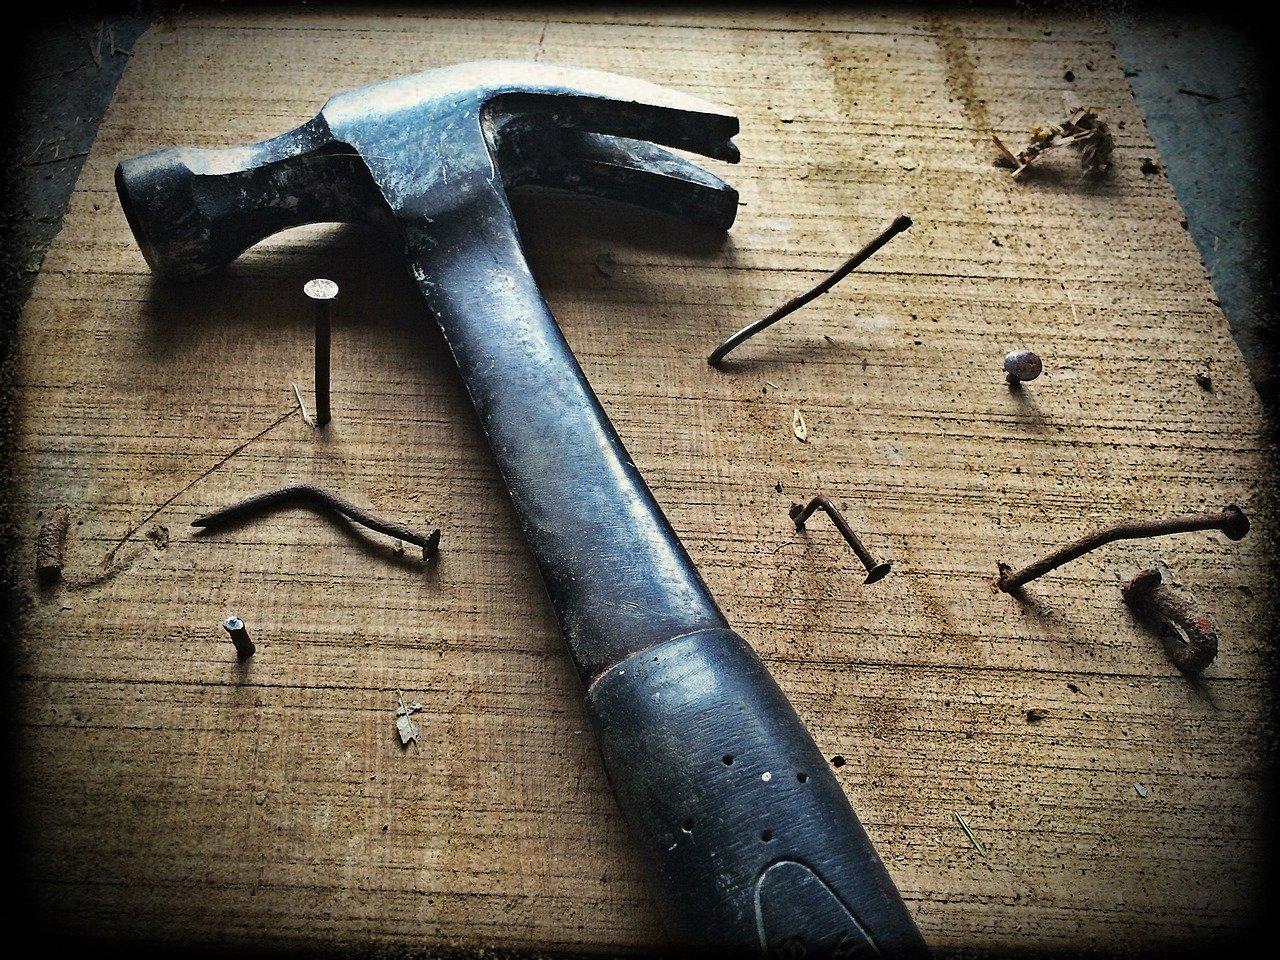 hammer, nails, wood